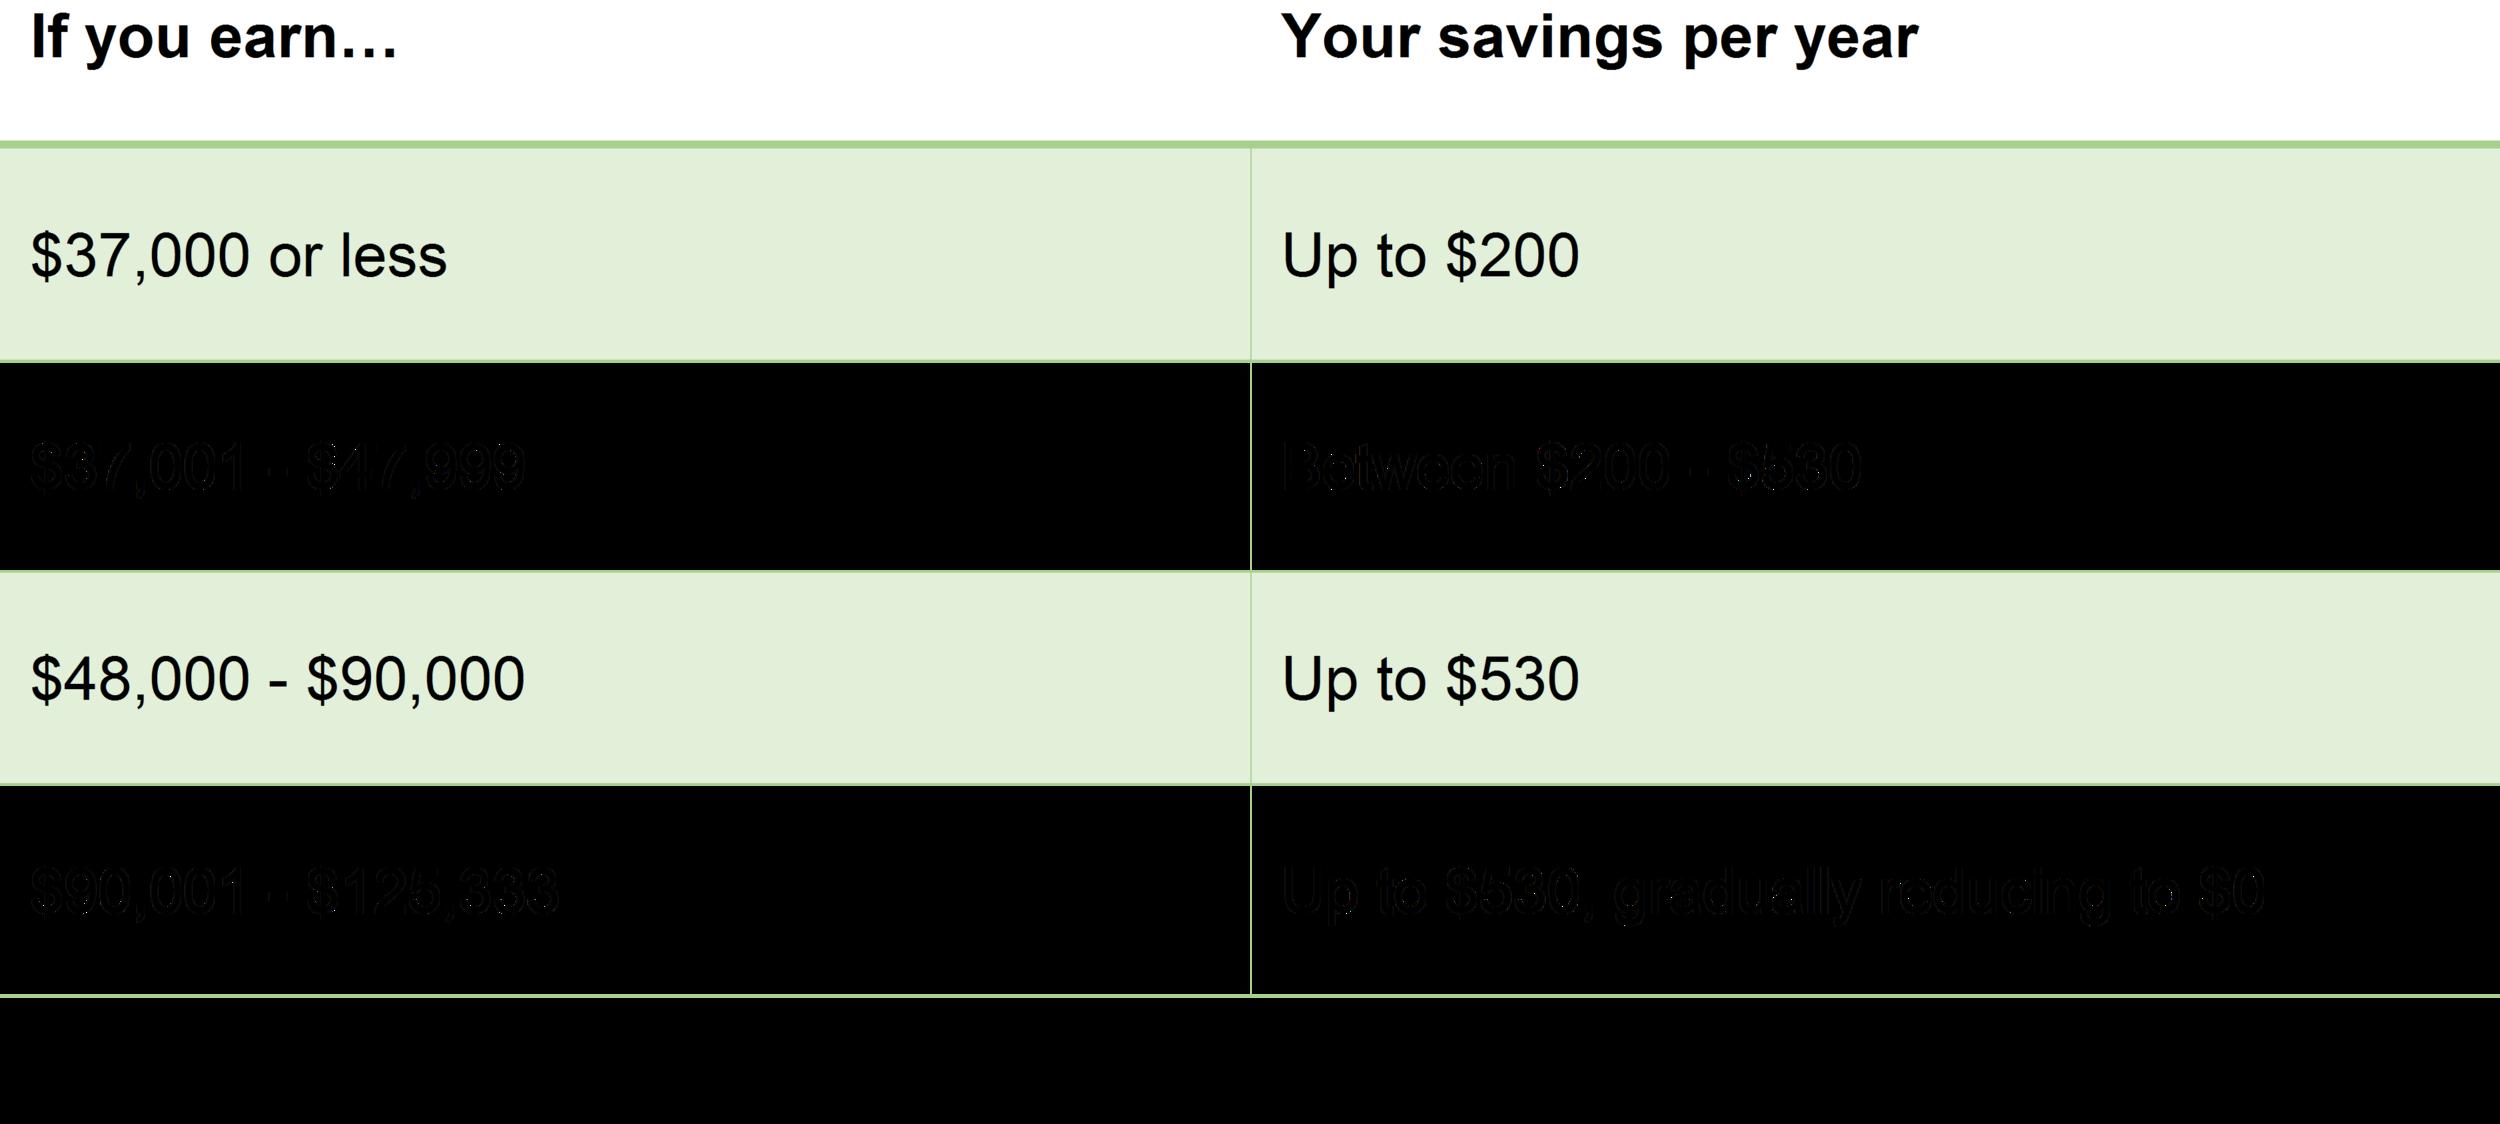 Savings per year.png